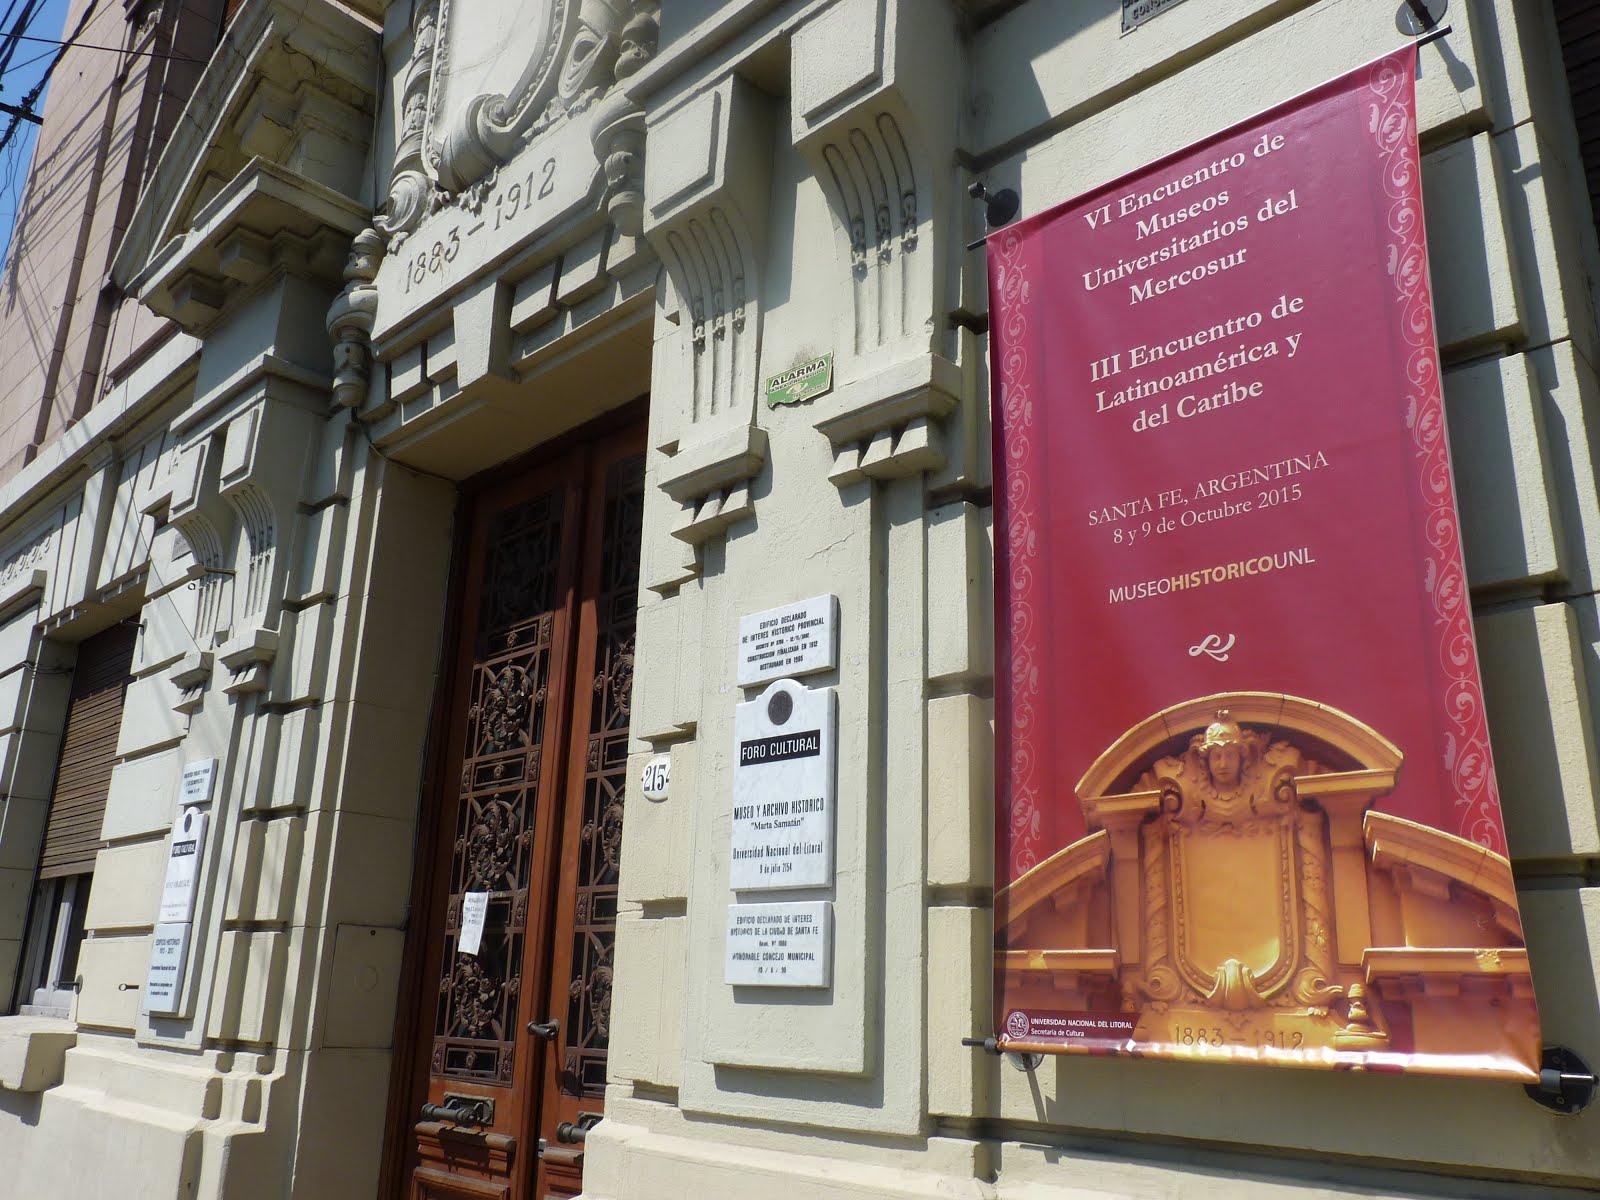 Fotos VI Encuentro de Museos Universitarios - III Encuentro de Latinoamérica y del Caribe